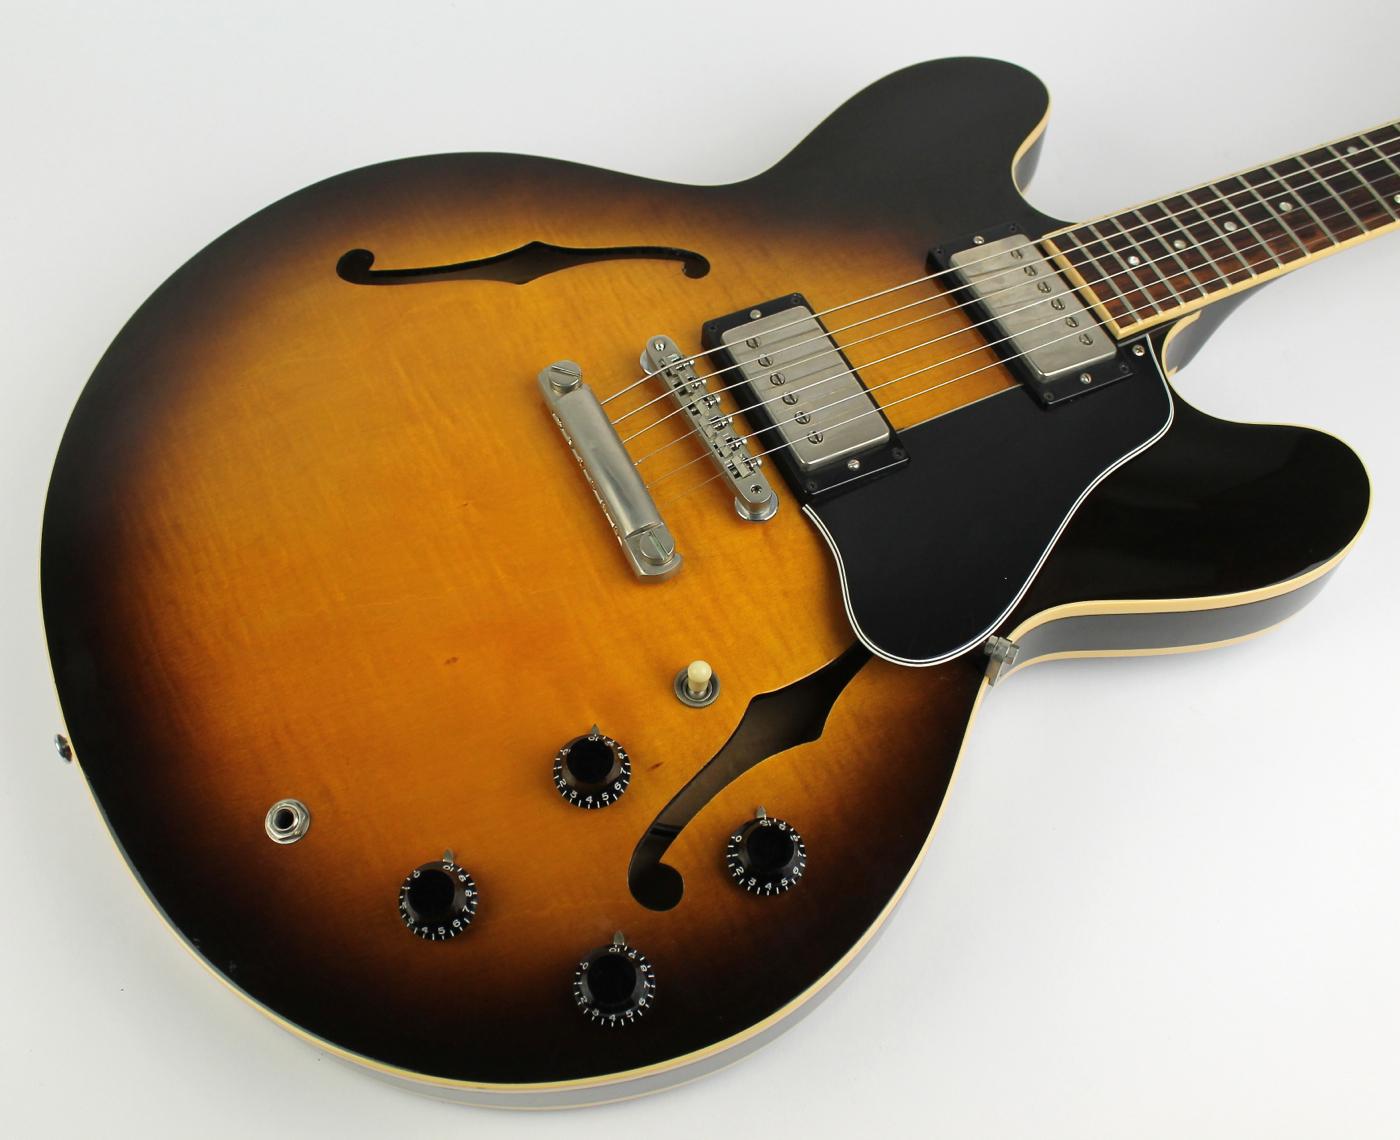 gibson es 335 dot 1991 sunburst guitar for sale thunder road guitars. Black Bedroom Furniture Sets. Home Design Ideas